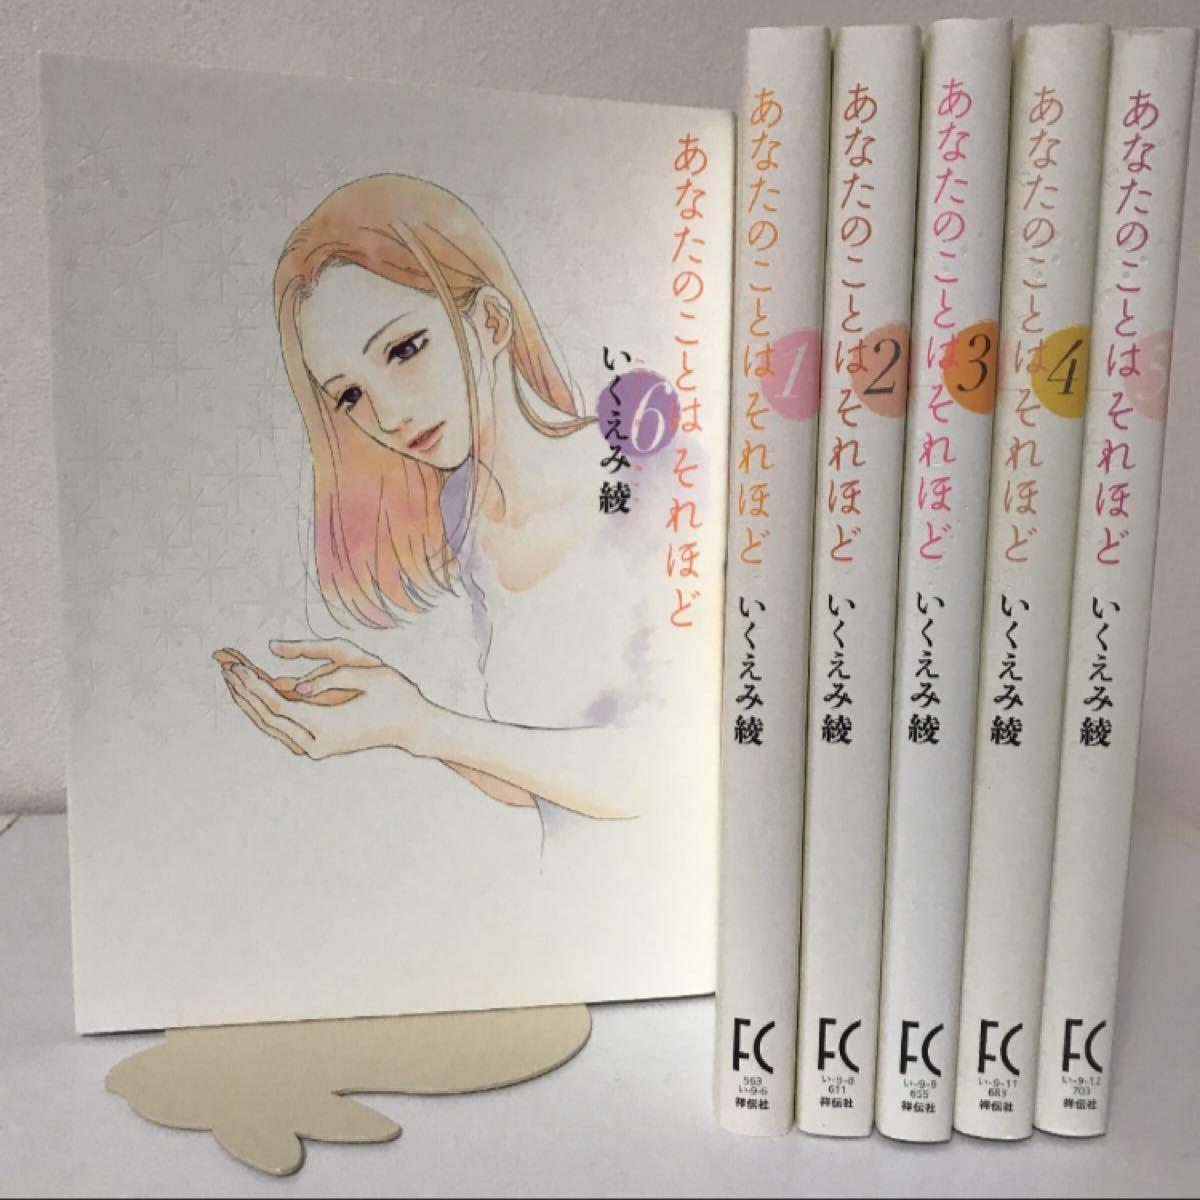 いくえみ綾★あなたのことはそれほど★ドラマ化★コミックス★完結全巻★漫画本